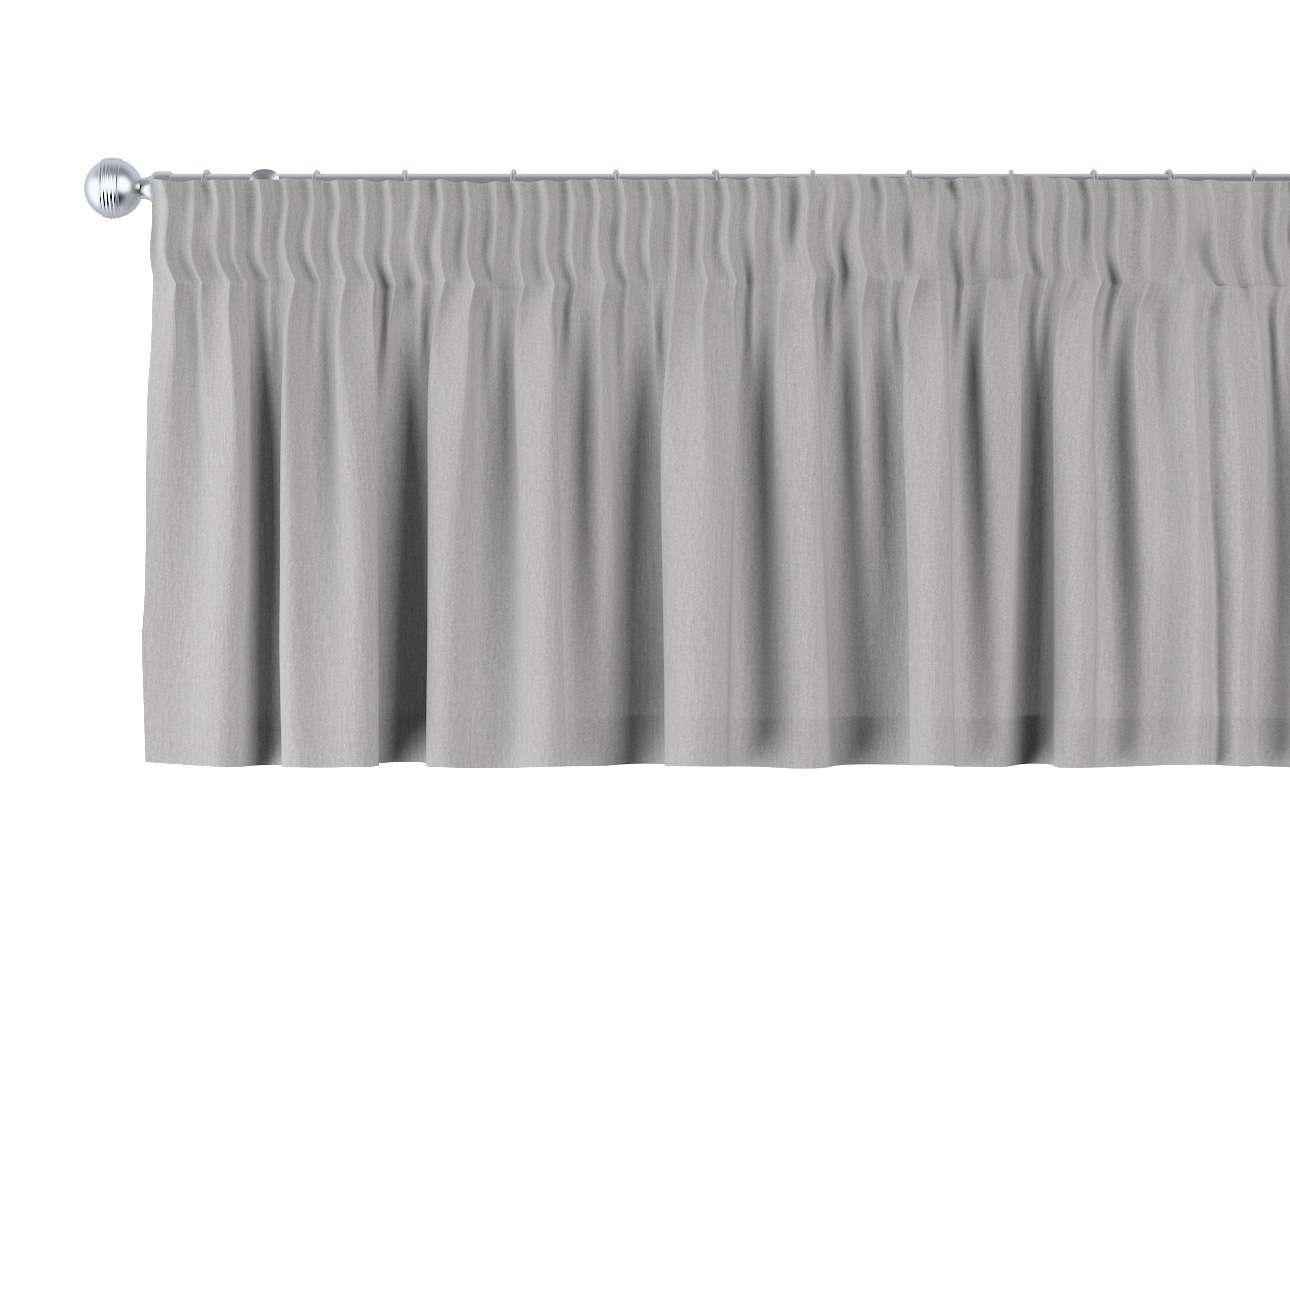 Trumpa užuolaidėlė (lambrekenas) pieštukinis klostavimas 130 x 40 cm kolekcijoje Chenille, audinys: 702-23